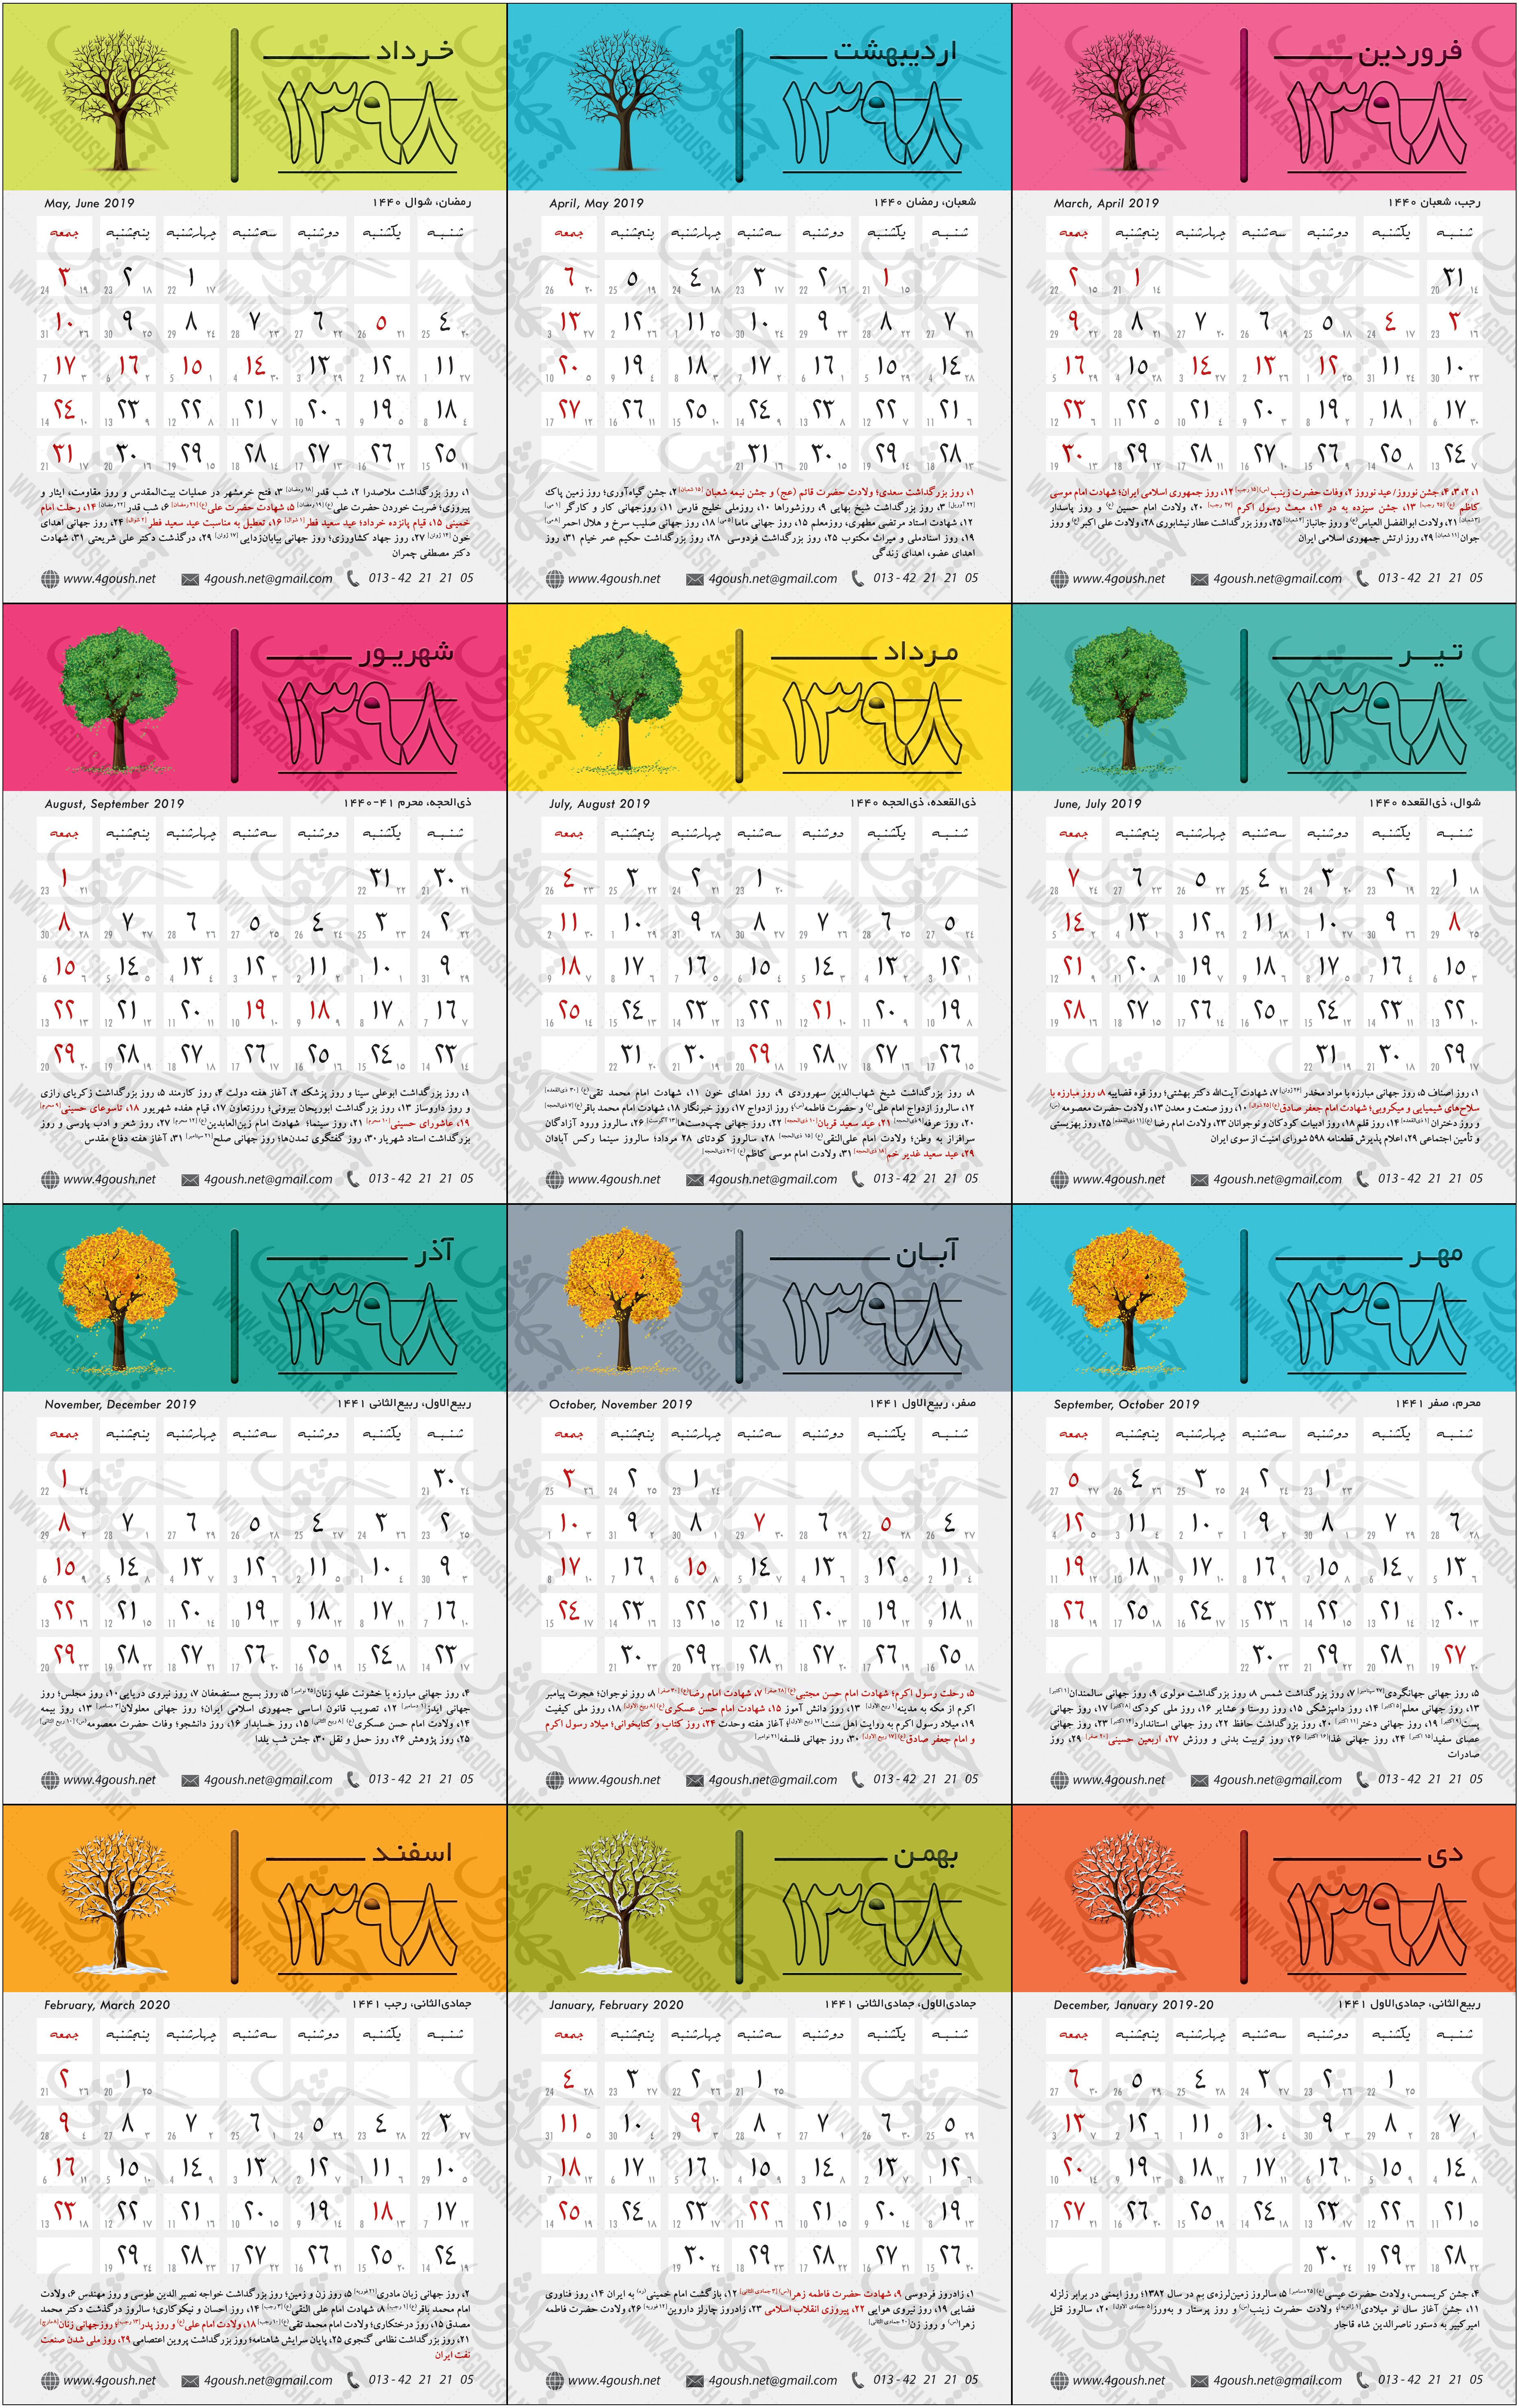 تقویم 98 با سرتیتر رنگی